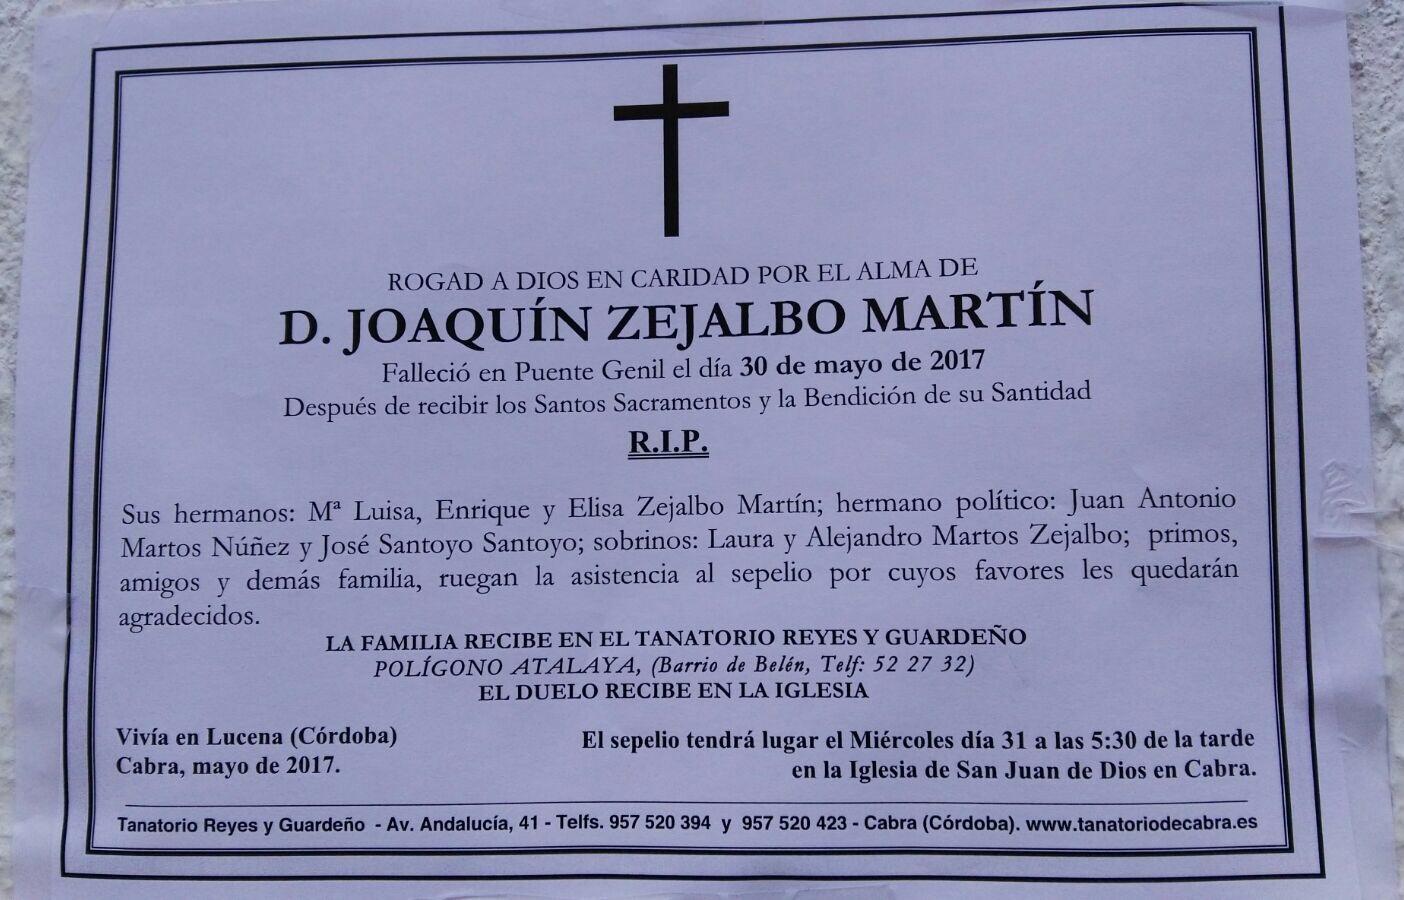 Joaquín Zejalbo Martin, ha fallecido repentinamente.